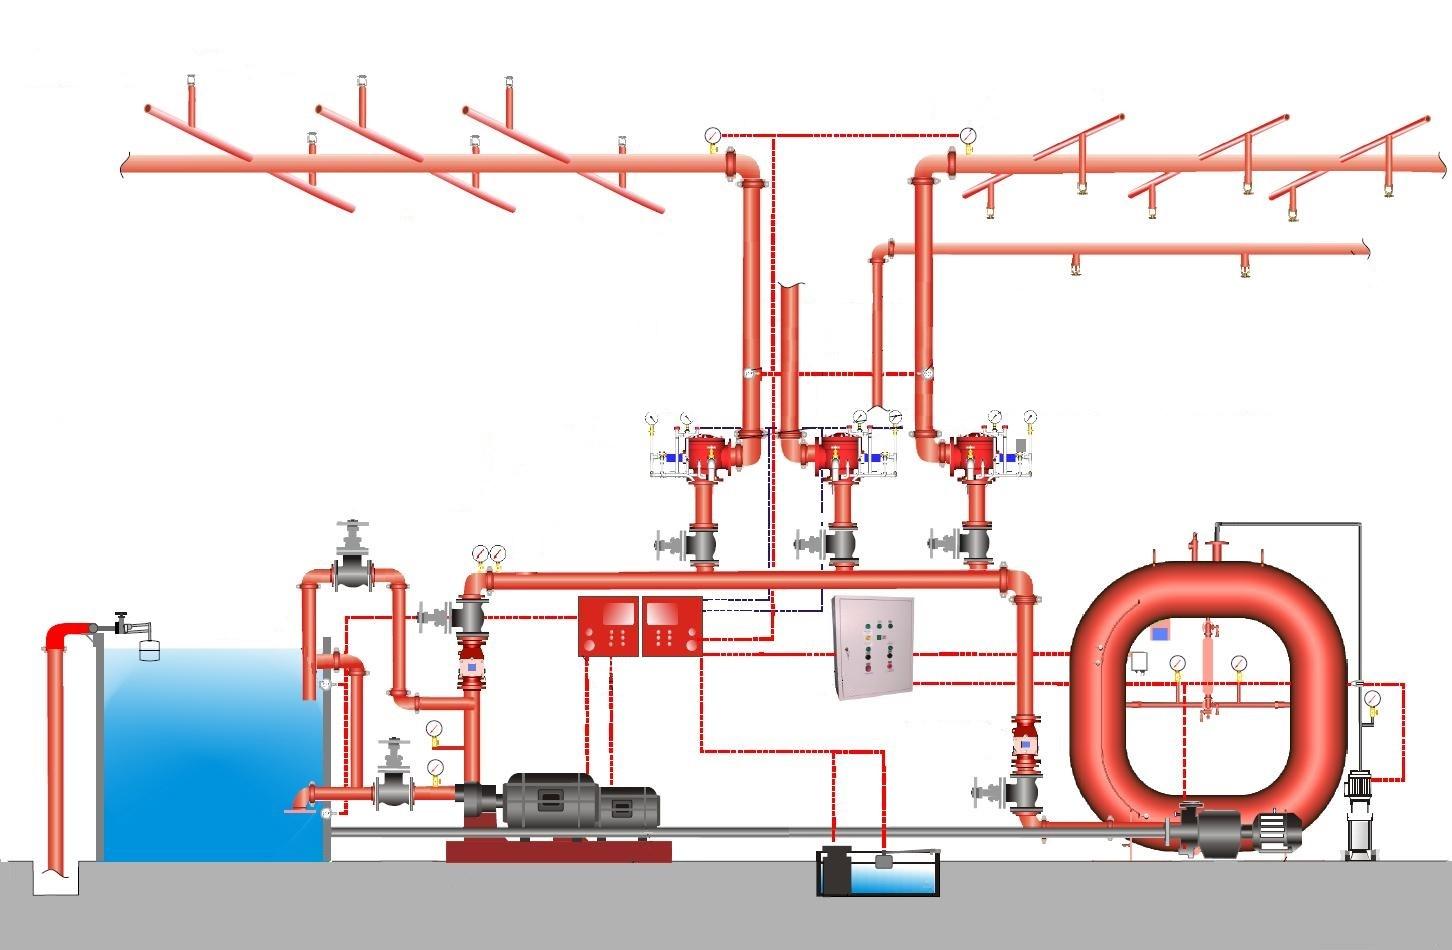 Система пожаротушения может проектироваться под разные тушащие составы, способы его подачи в зону возгорания.